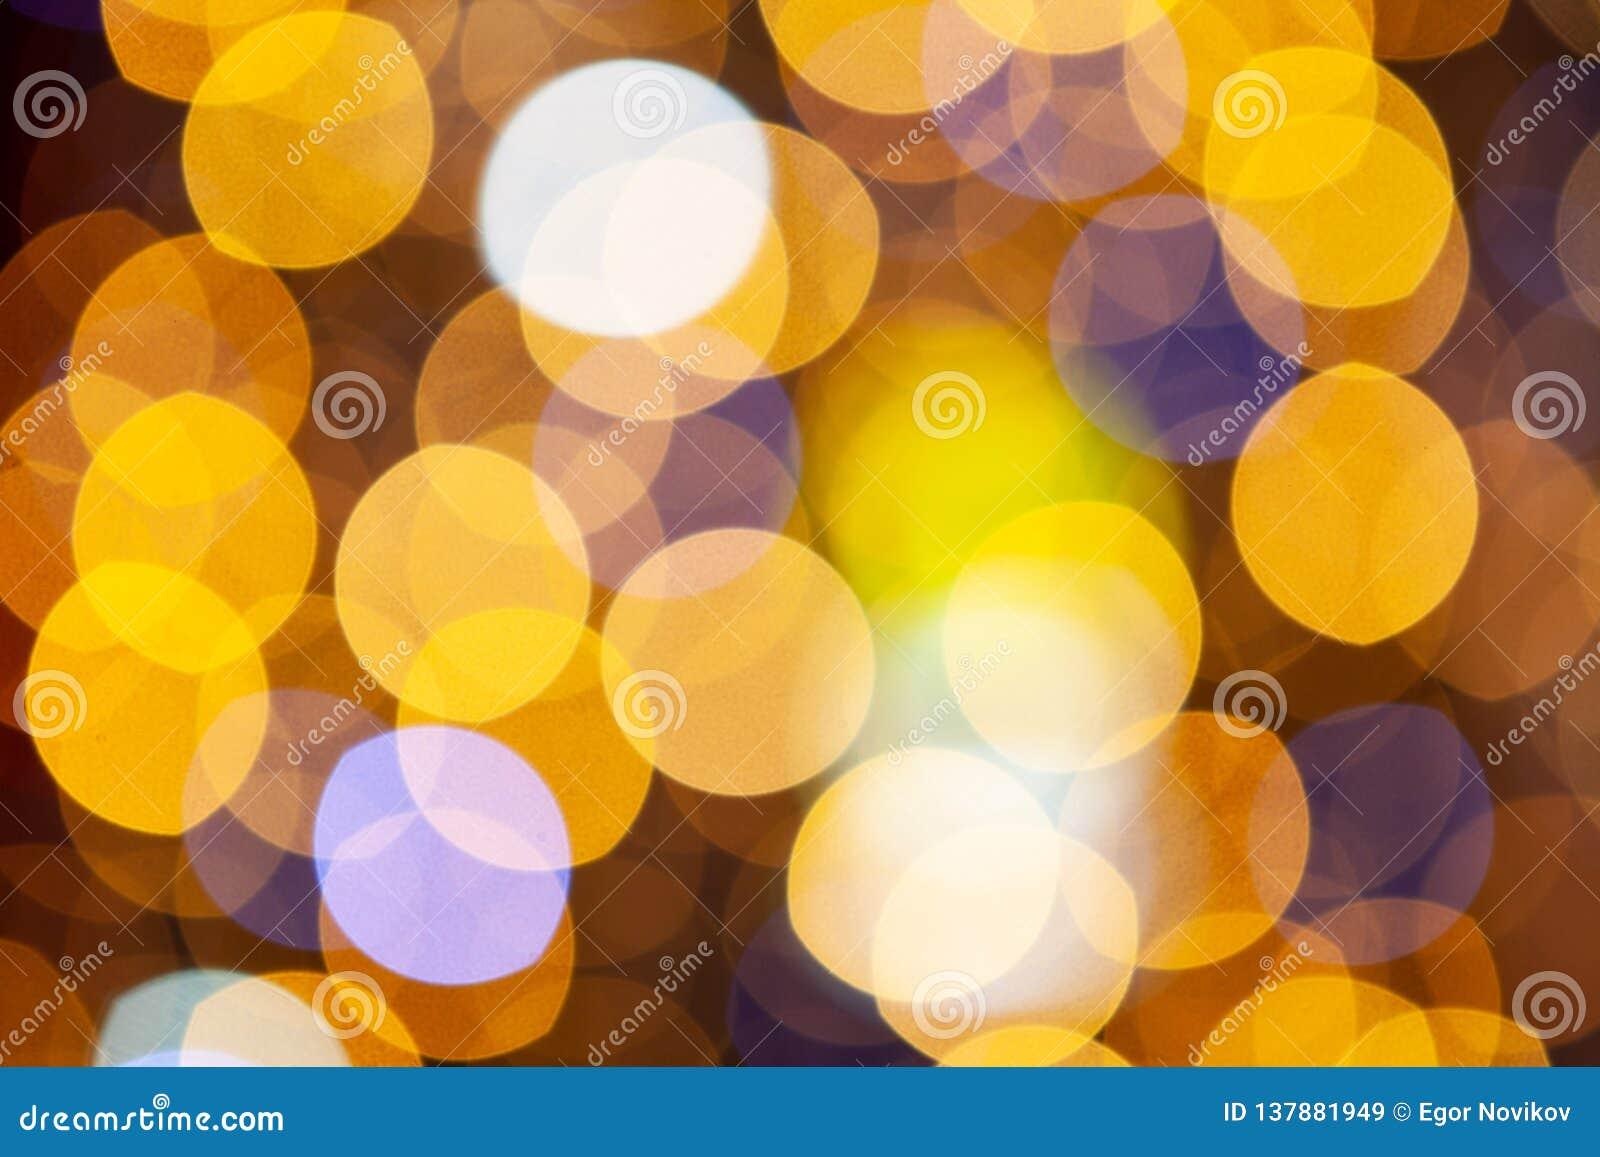 金子闪烁的圣诞灯 被弄脏的抽象背景,特写镜头